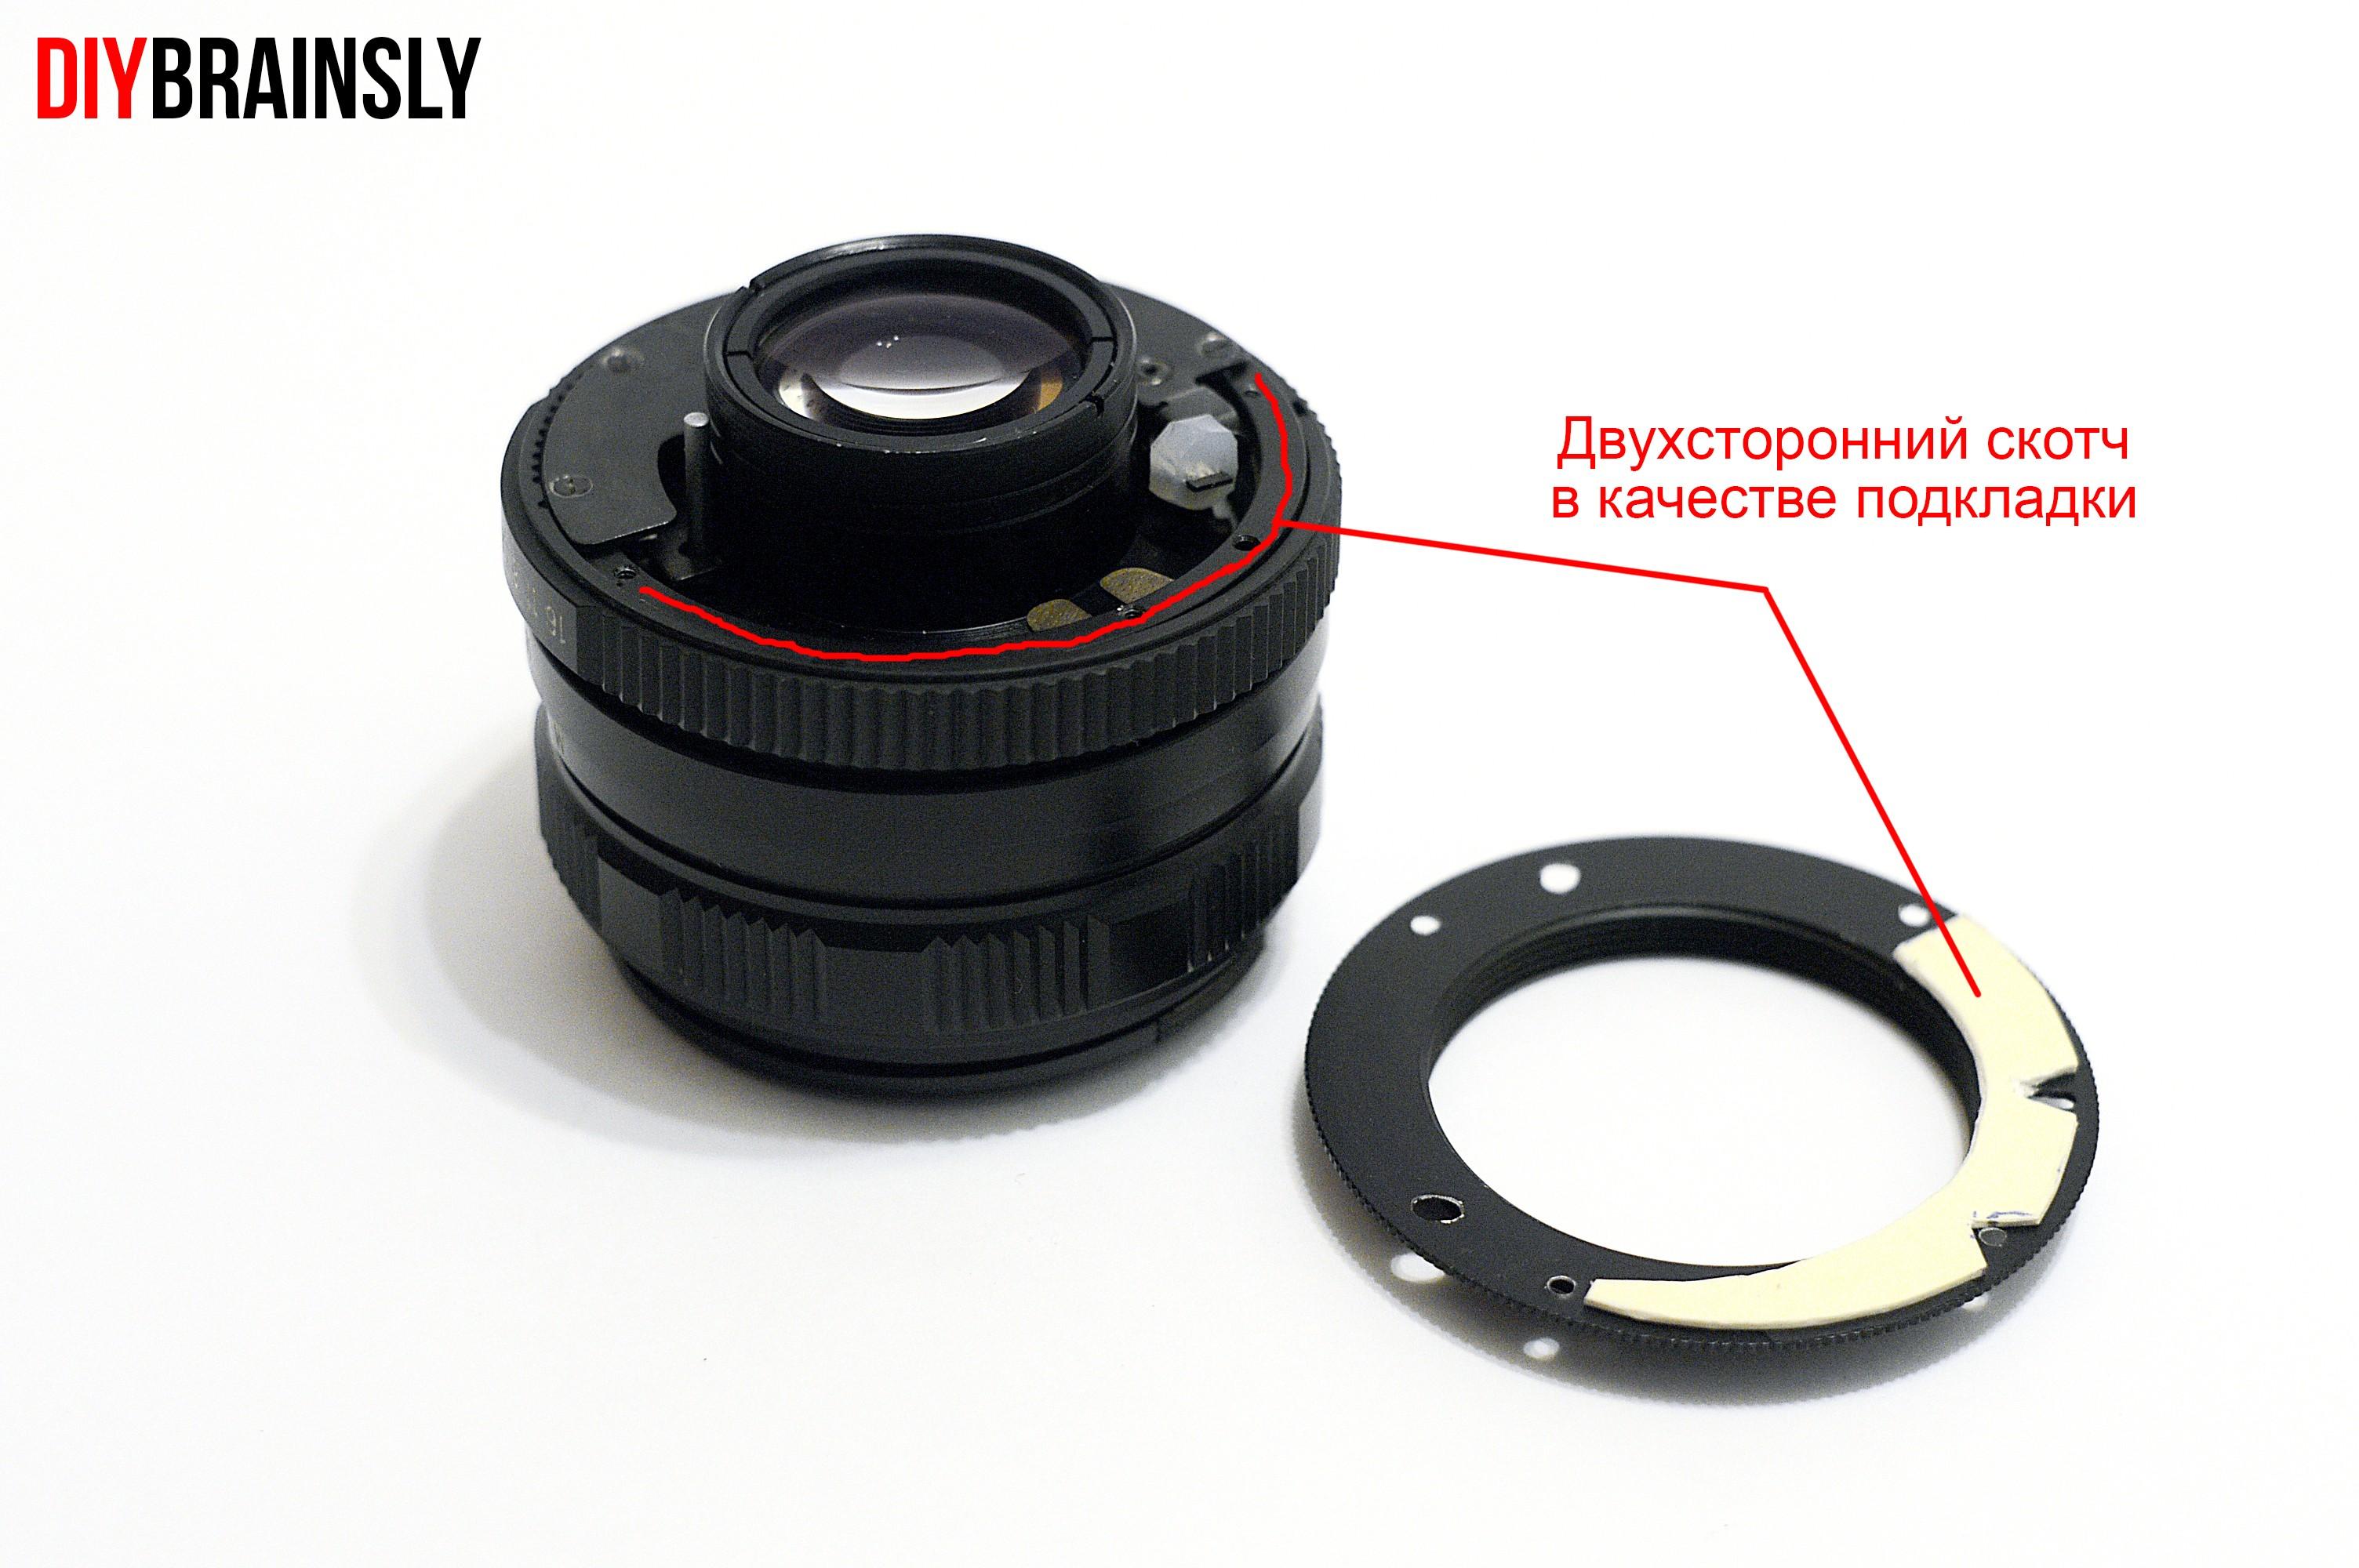 Гелиос 77м-4 на Nikon 7